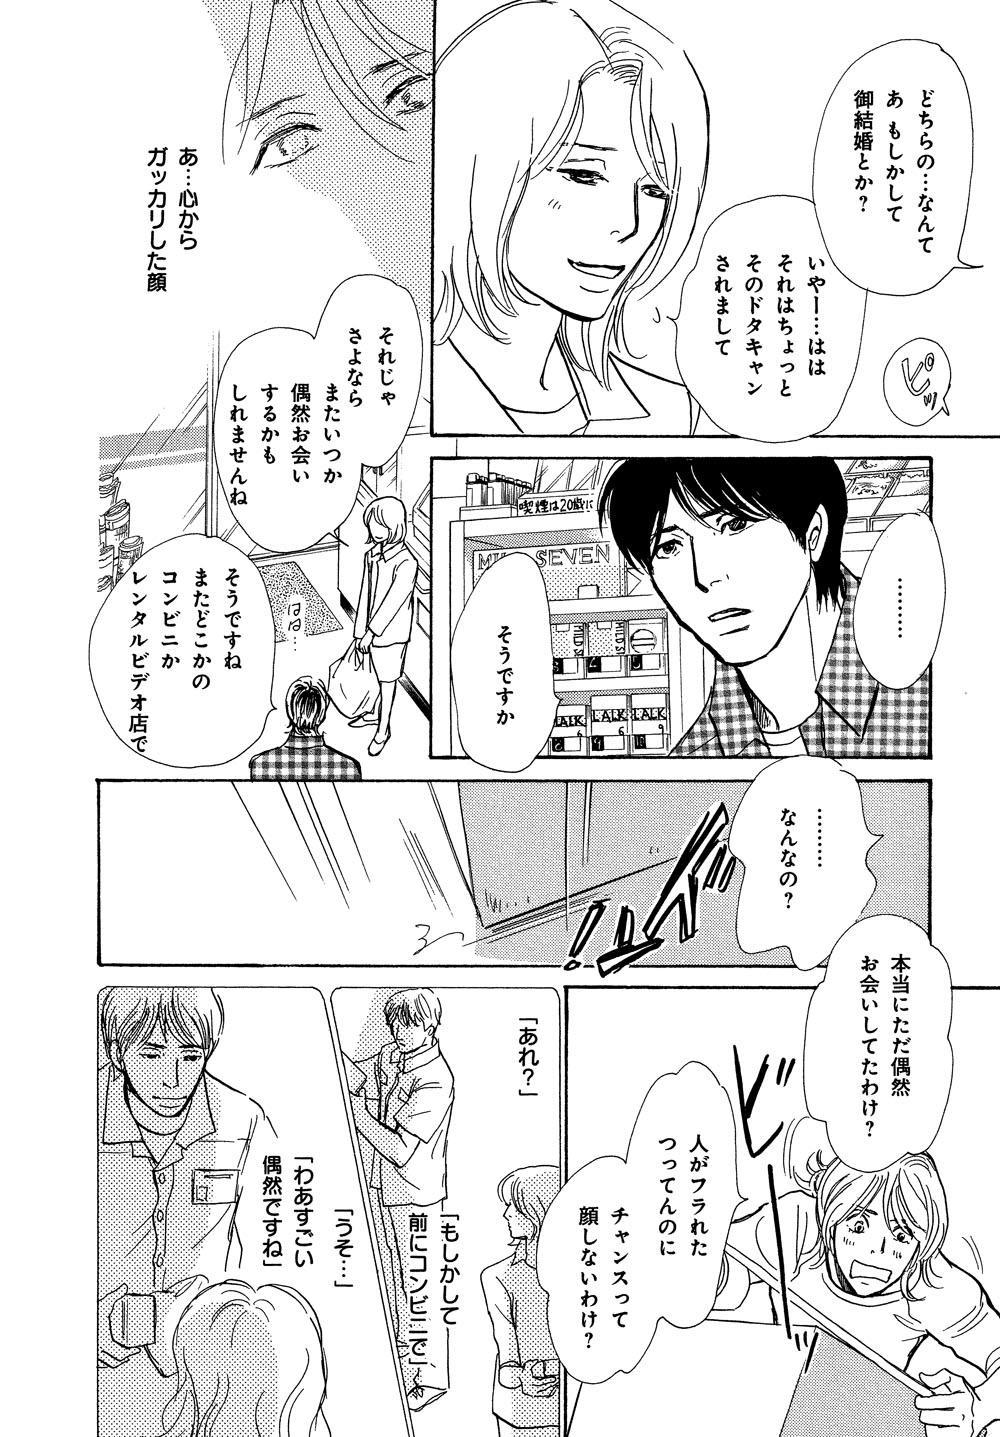 hyakki_0020_0022.jpg